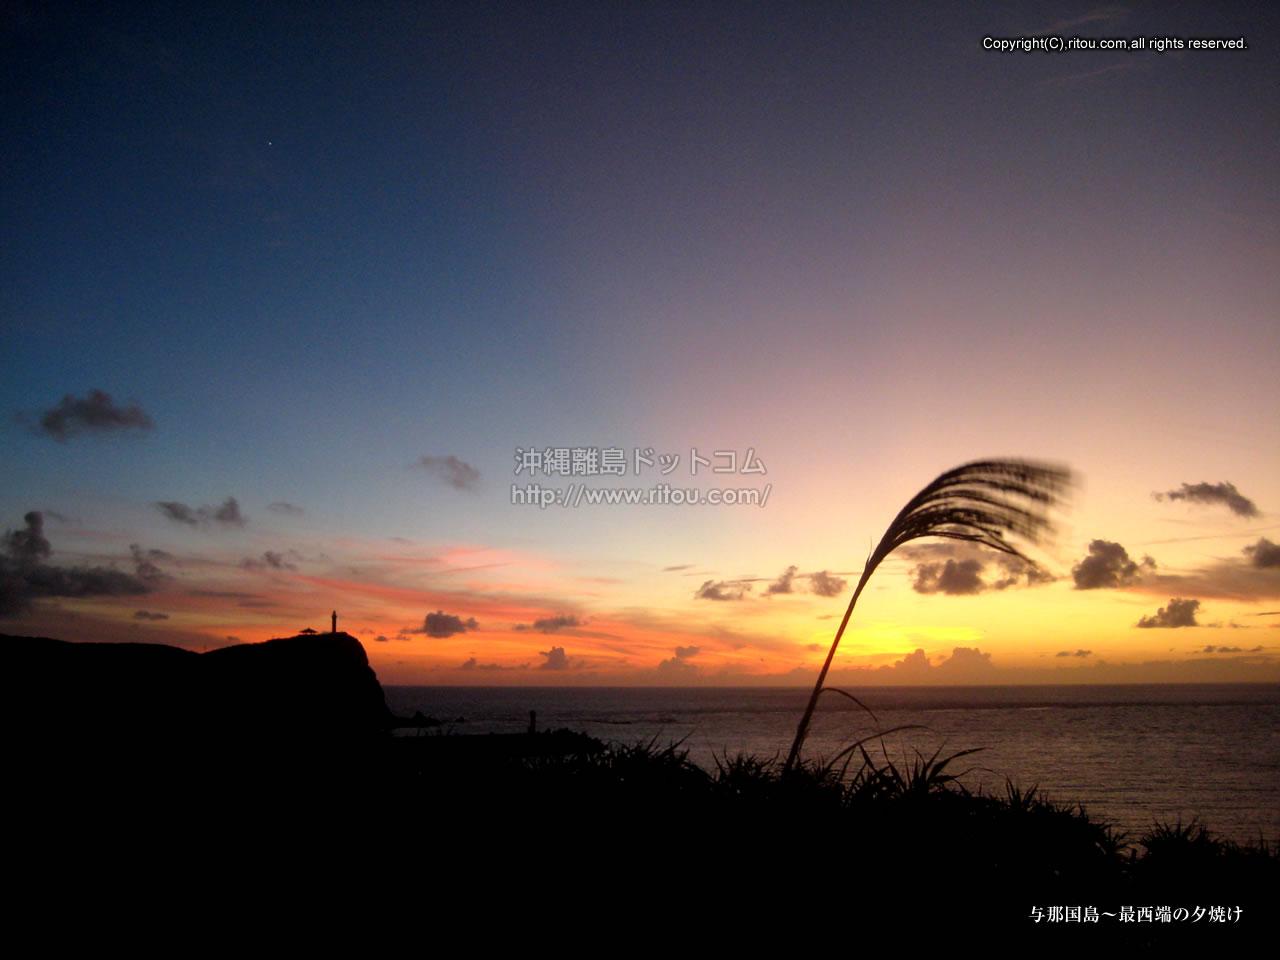 与那国島〜最西端の夕焼け